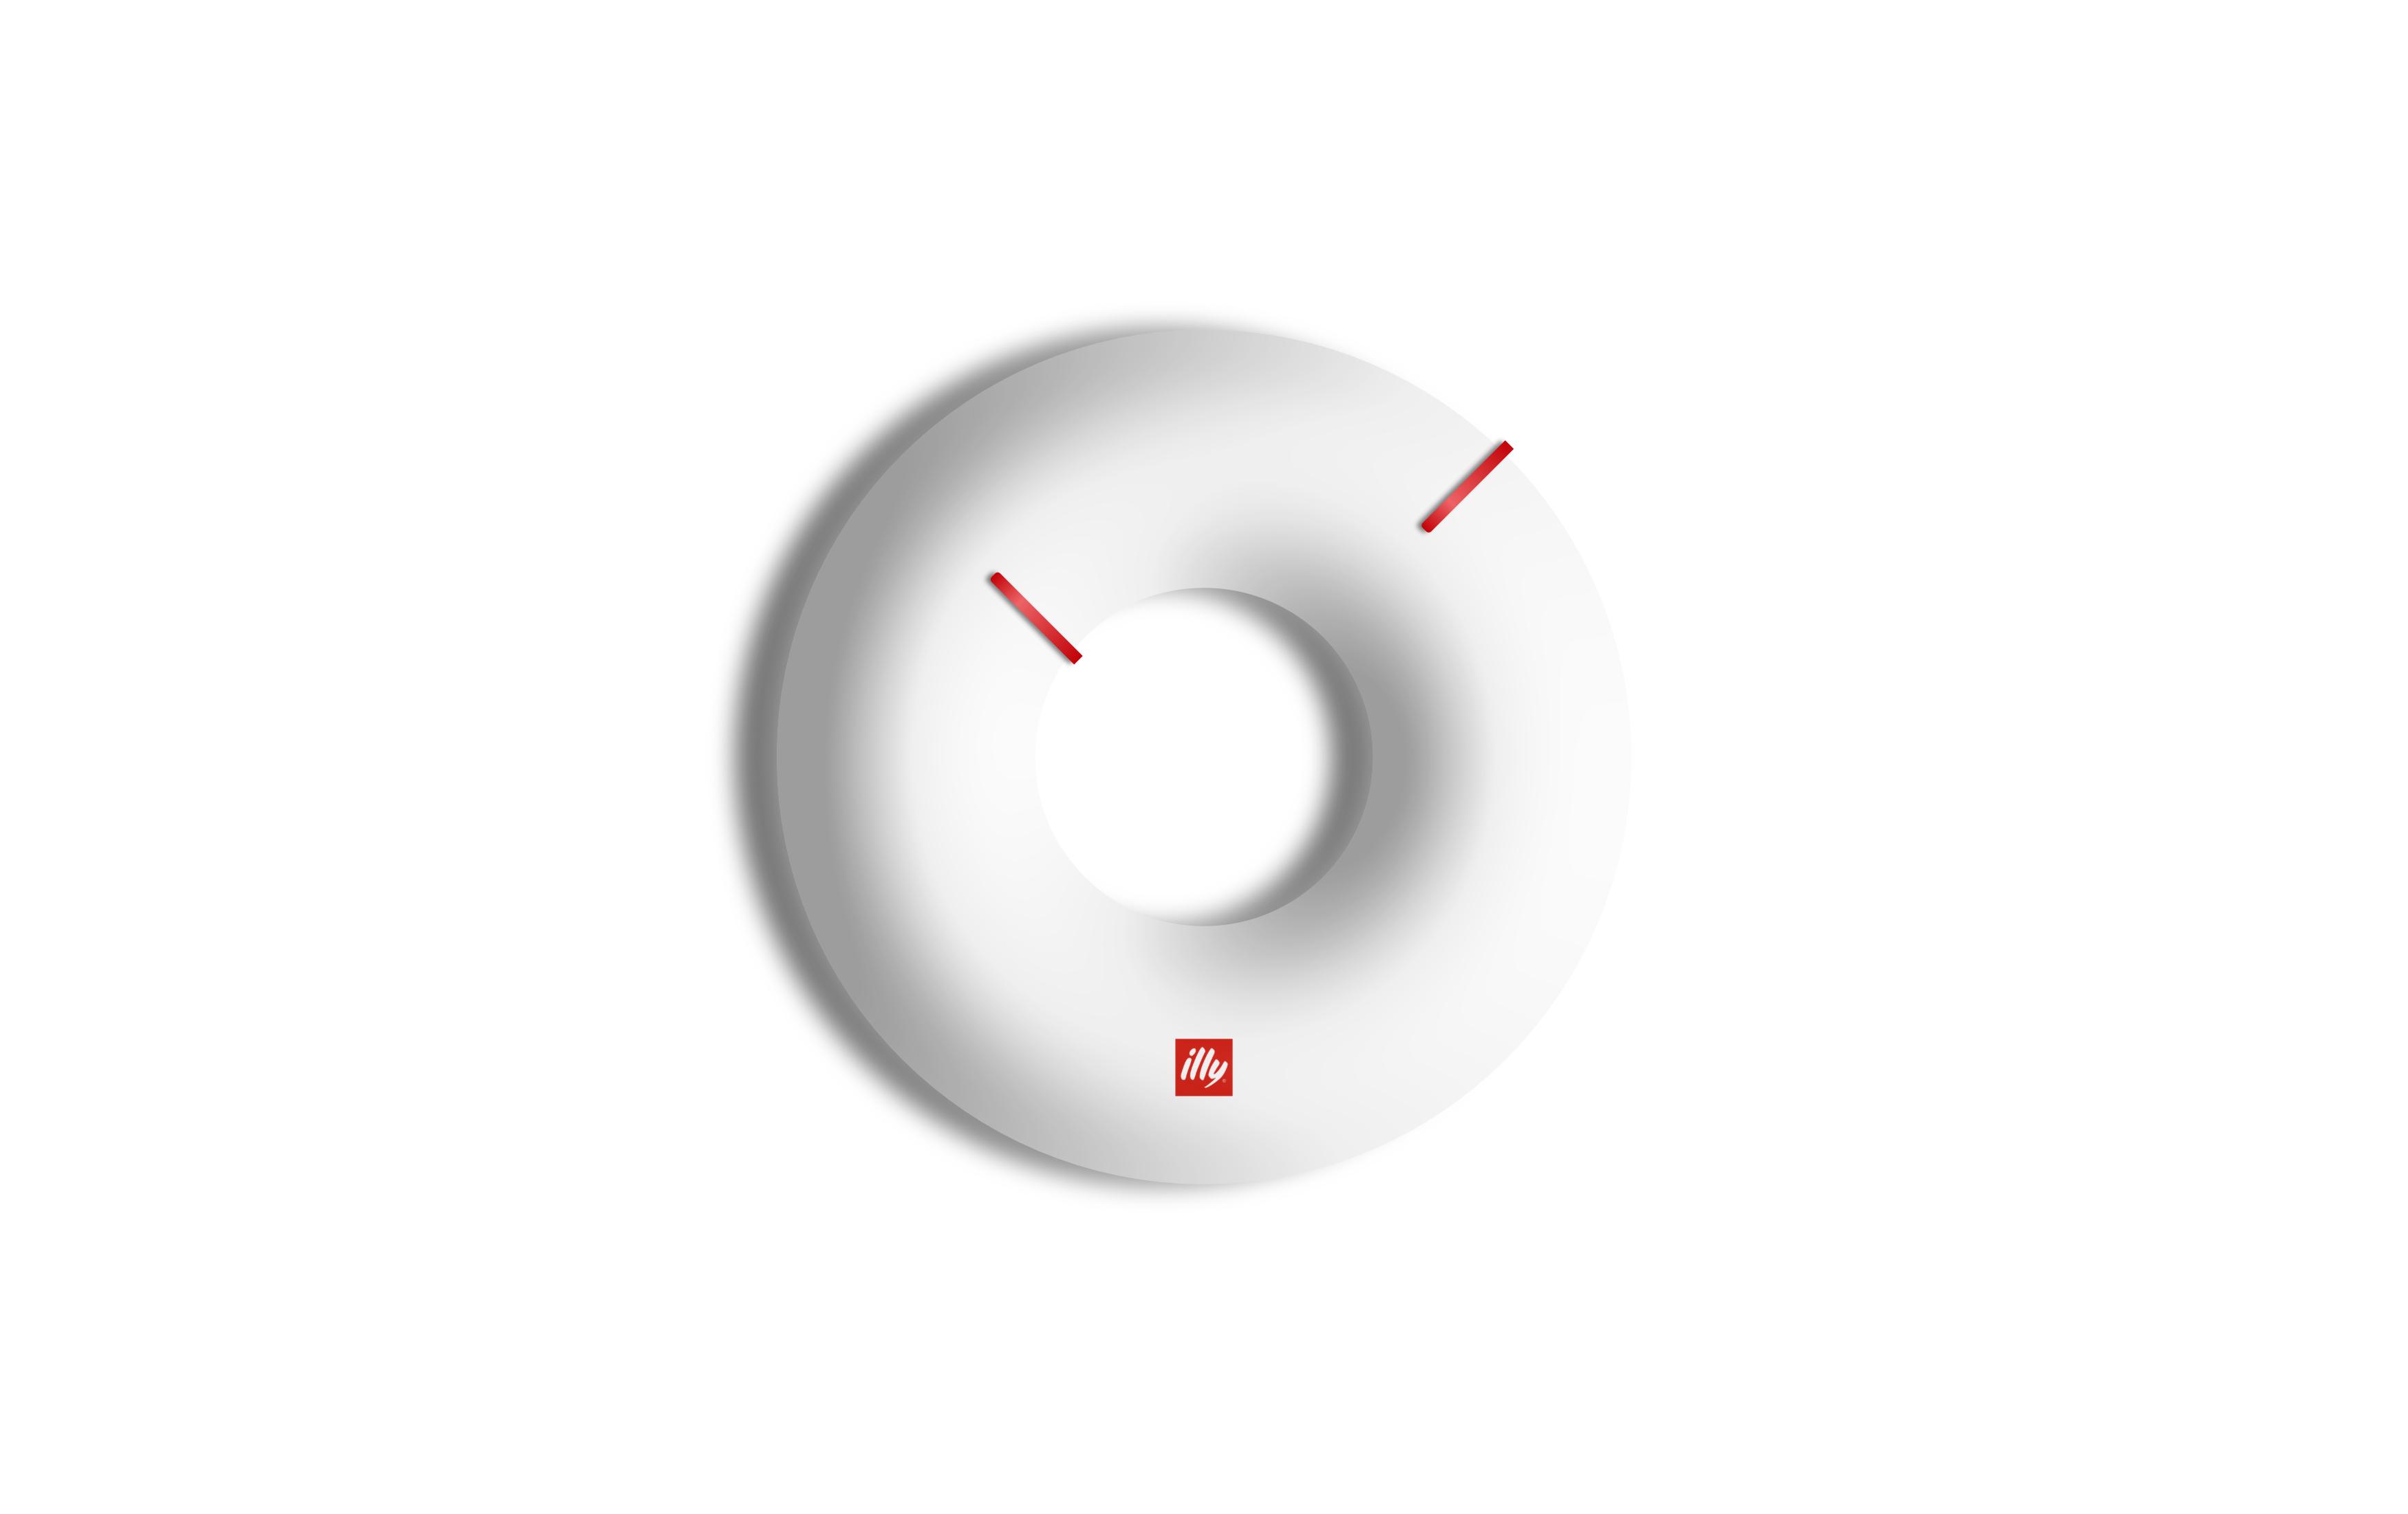 orologio da parete di design di colore bianco con lancette rosse